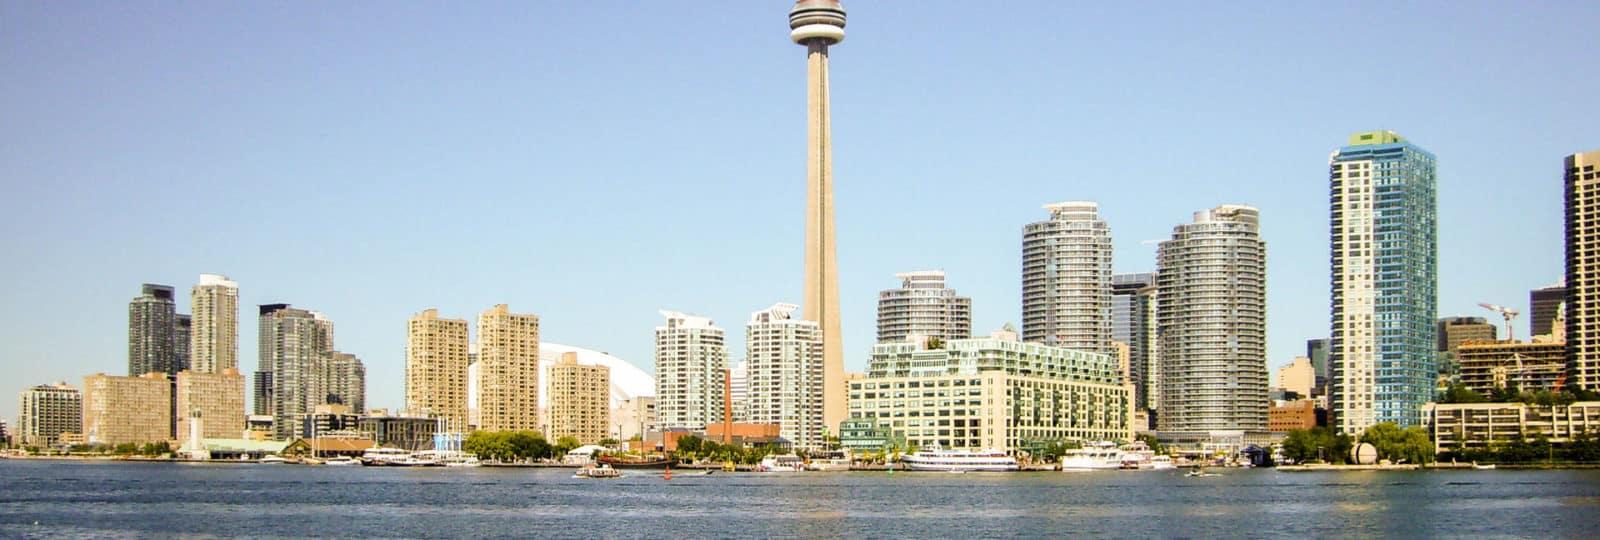 Von Toronto an den Atlantik – Durch vier kanadische Provinzen bis nach Halifax